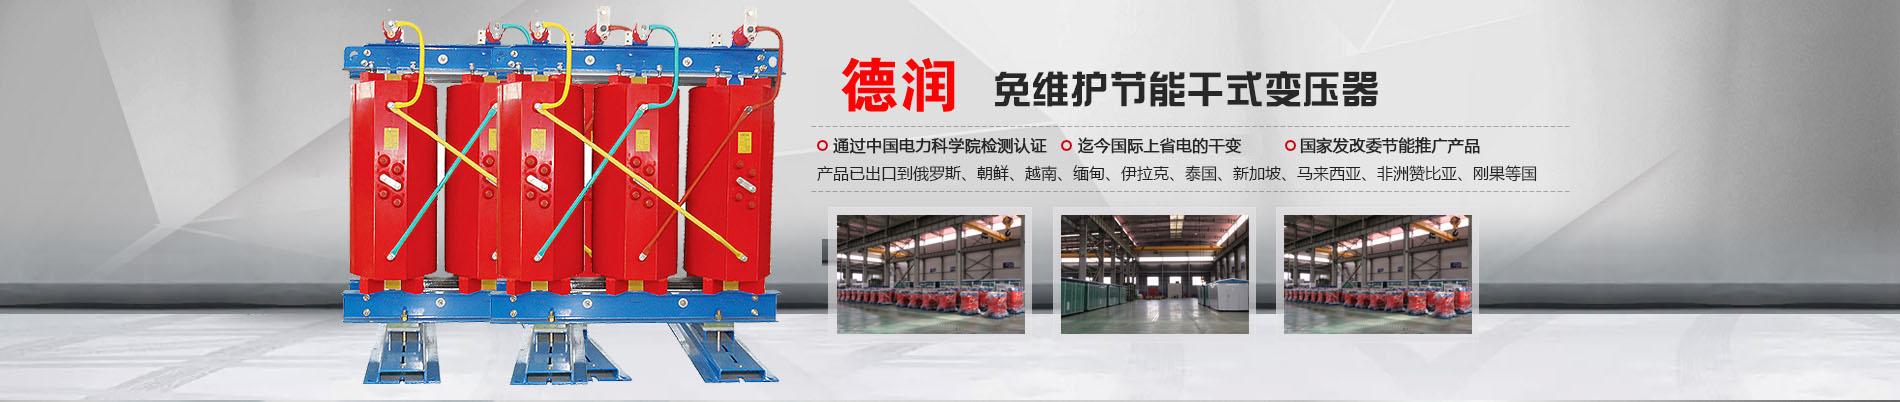 安康干式变压器厂家